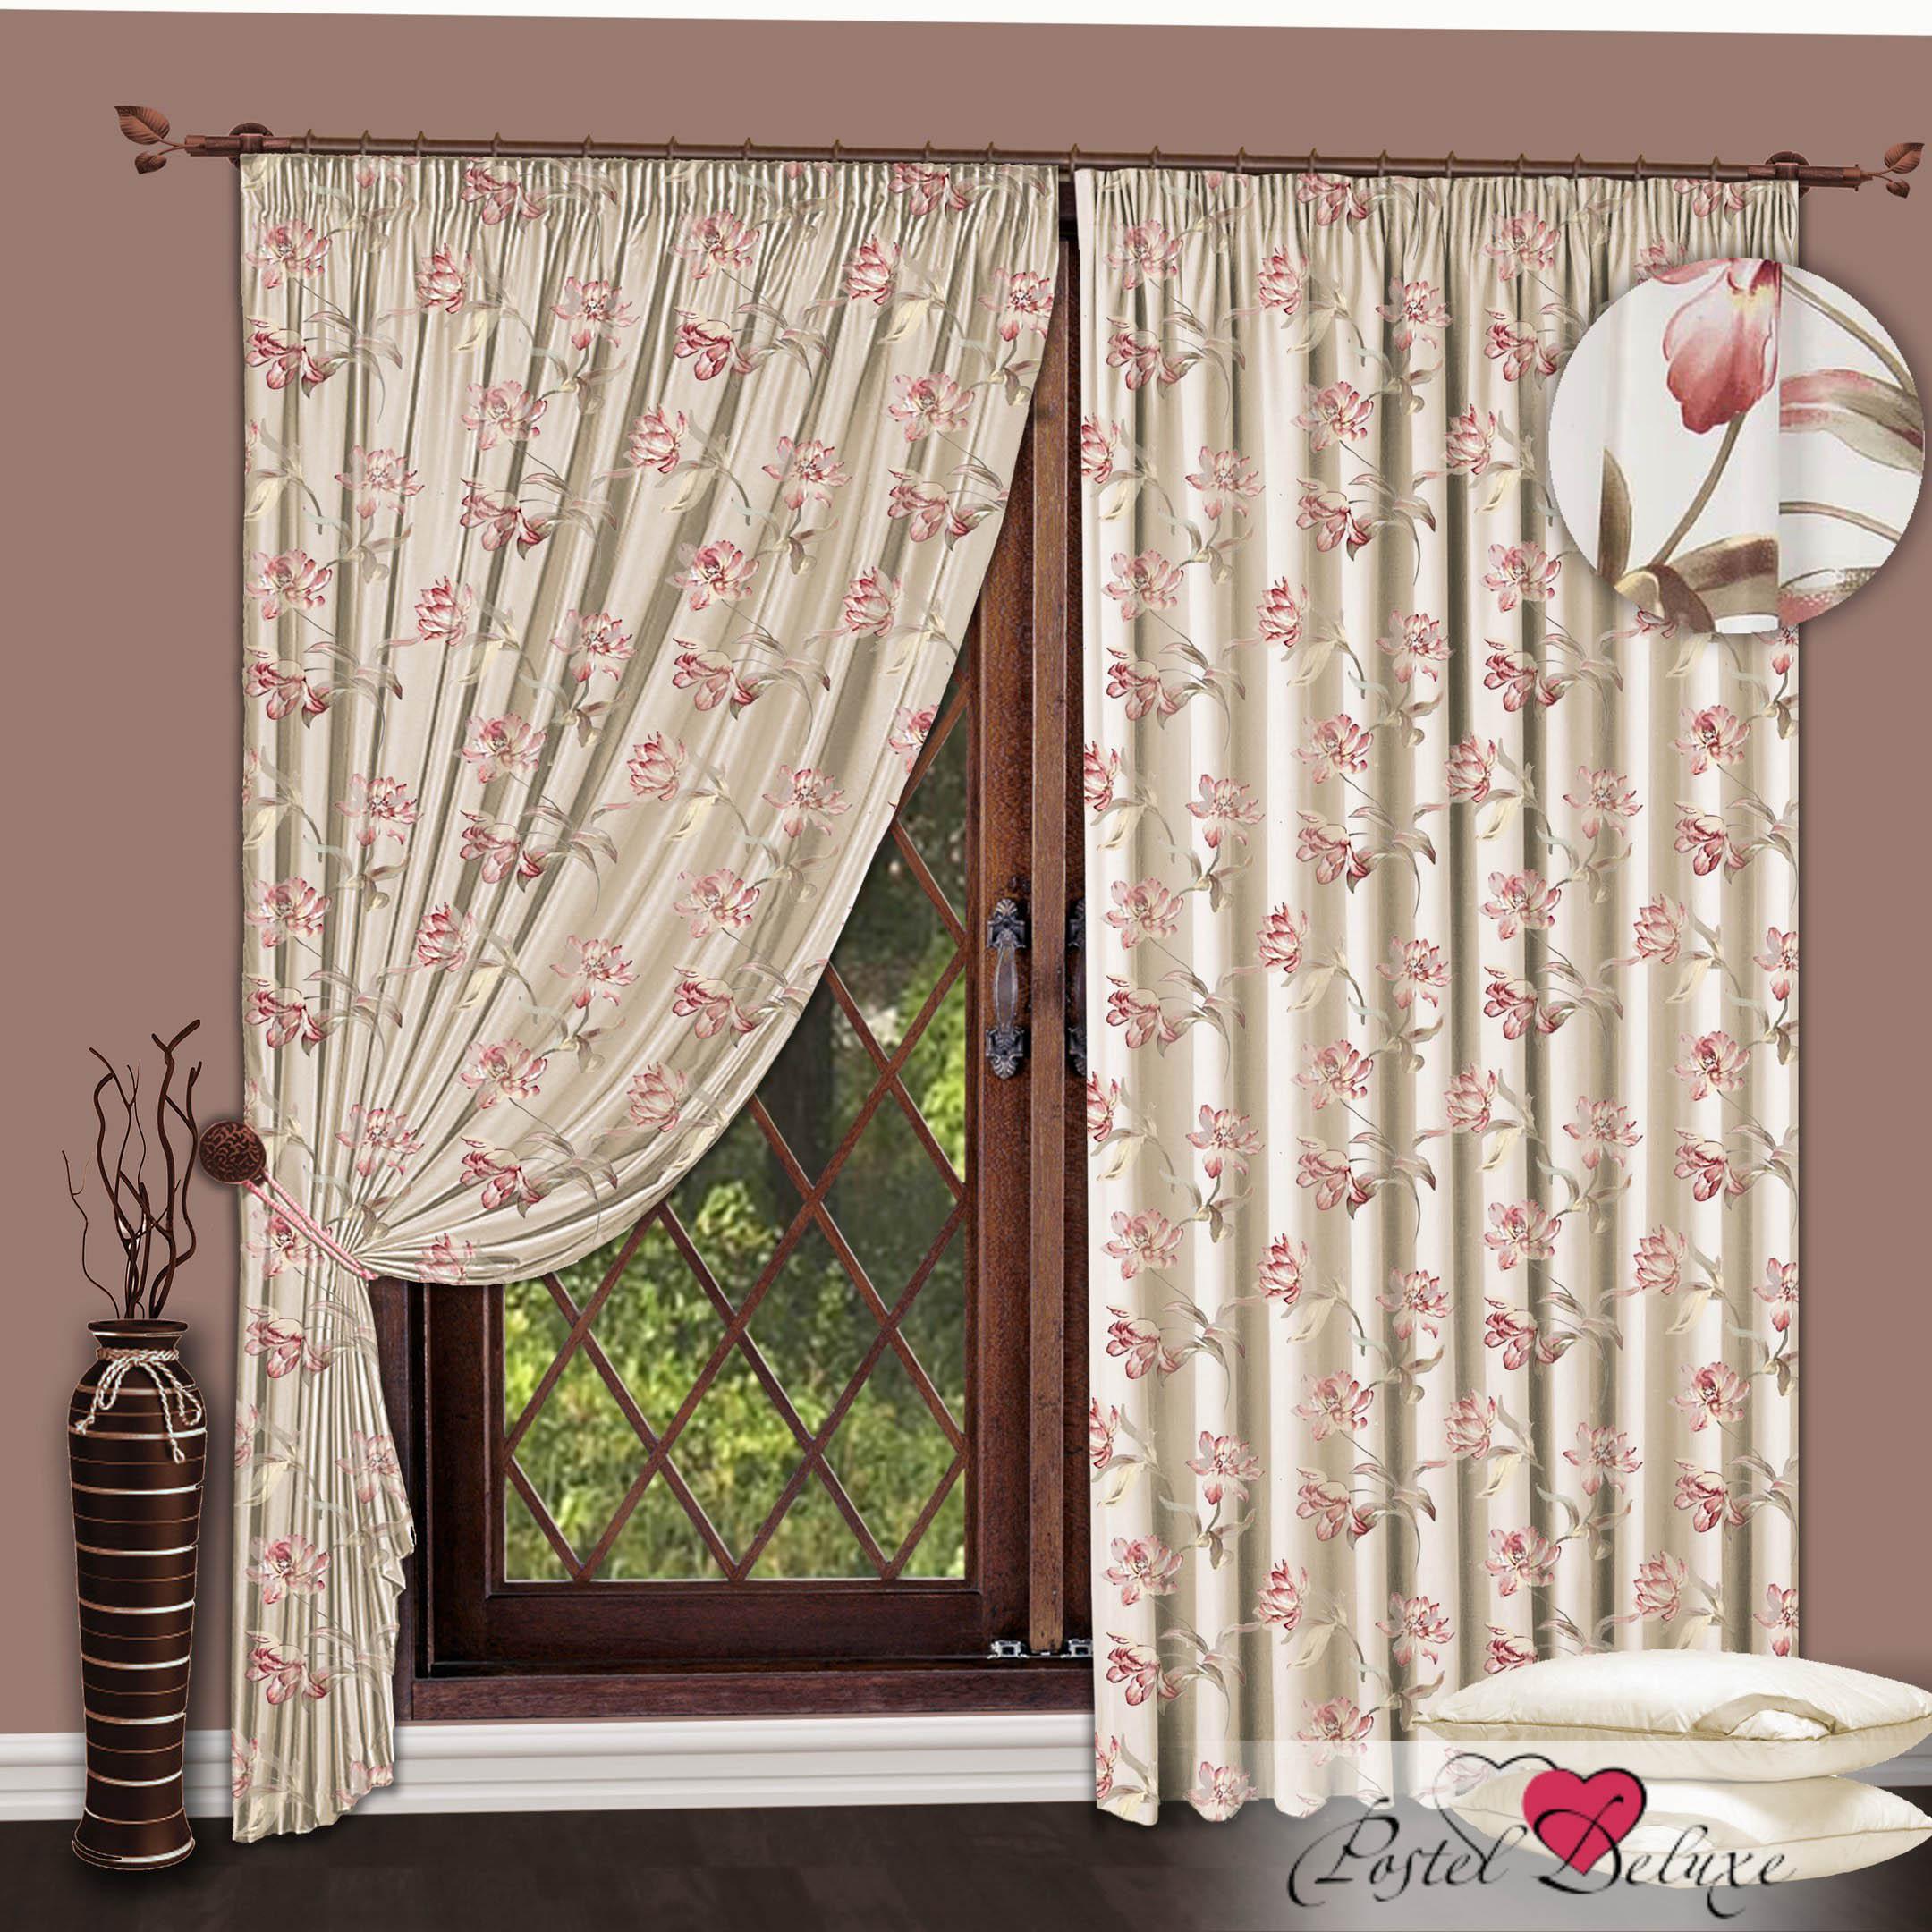 Шторы РеалТекс Классические шторы Цветы Цвет: Розовый шторы реалтекс классические шторы alberta цвет персиковый молочный